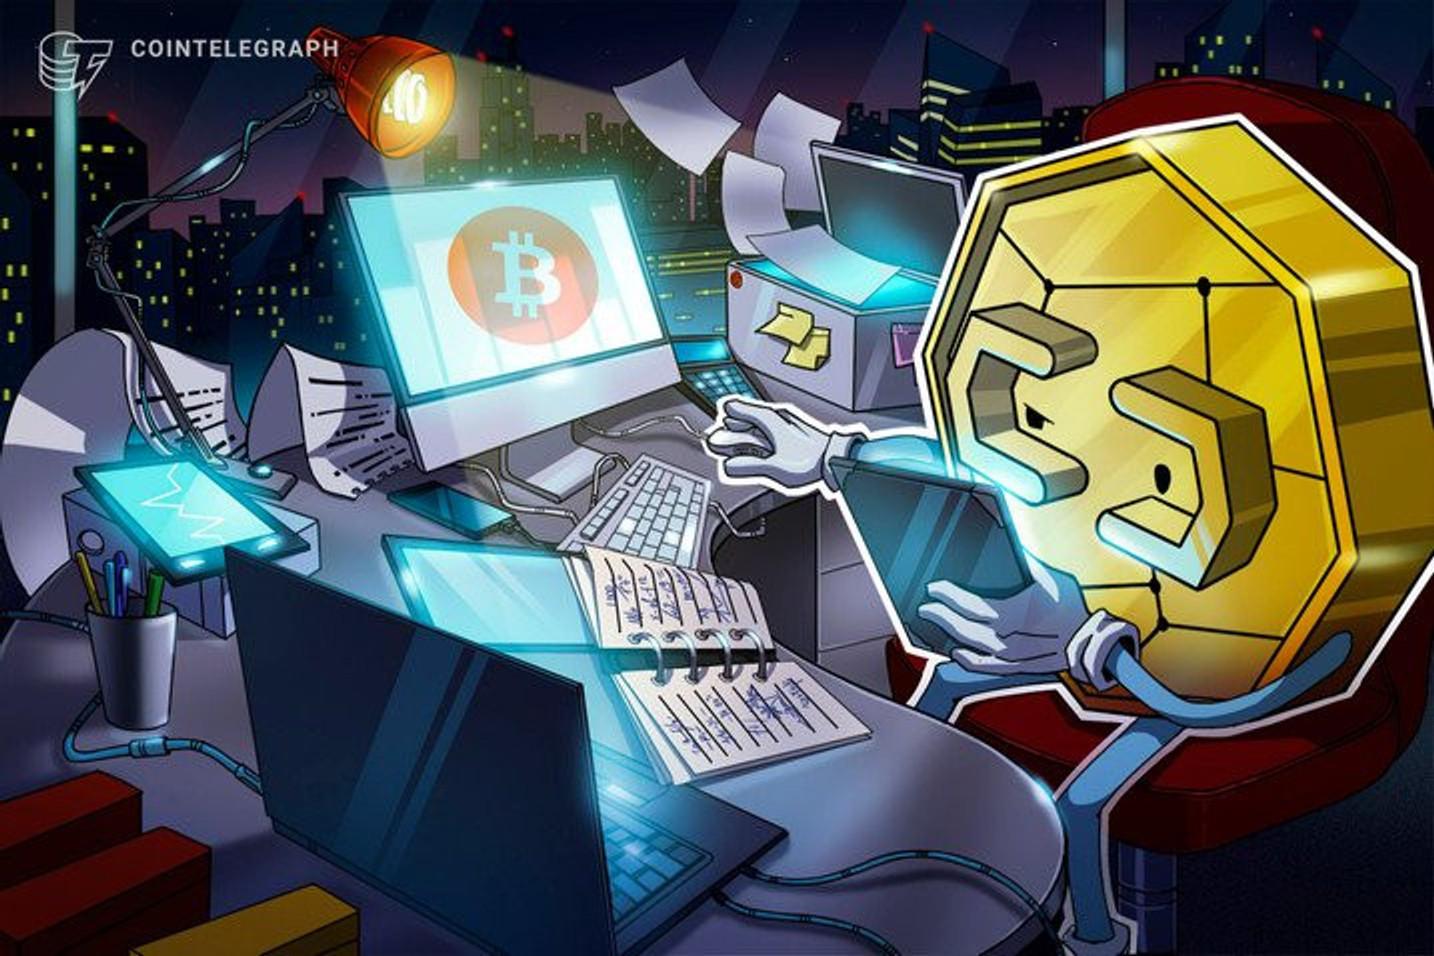 Depois de pior mês do Bitcoin em 10 anos, analista do BTG Pactual destaca investimento institucional e pede 'foco no longo prazo'